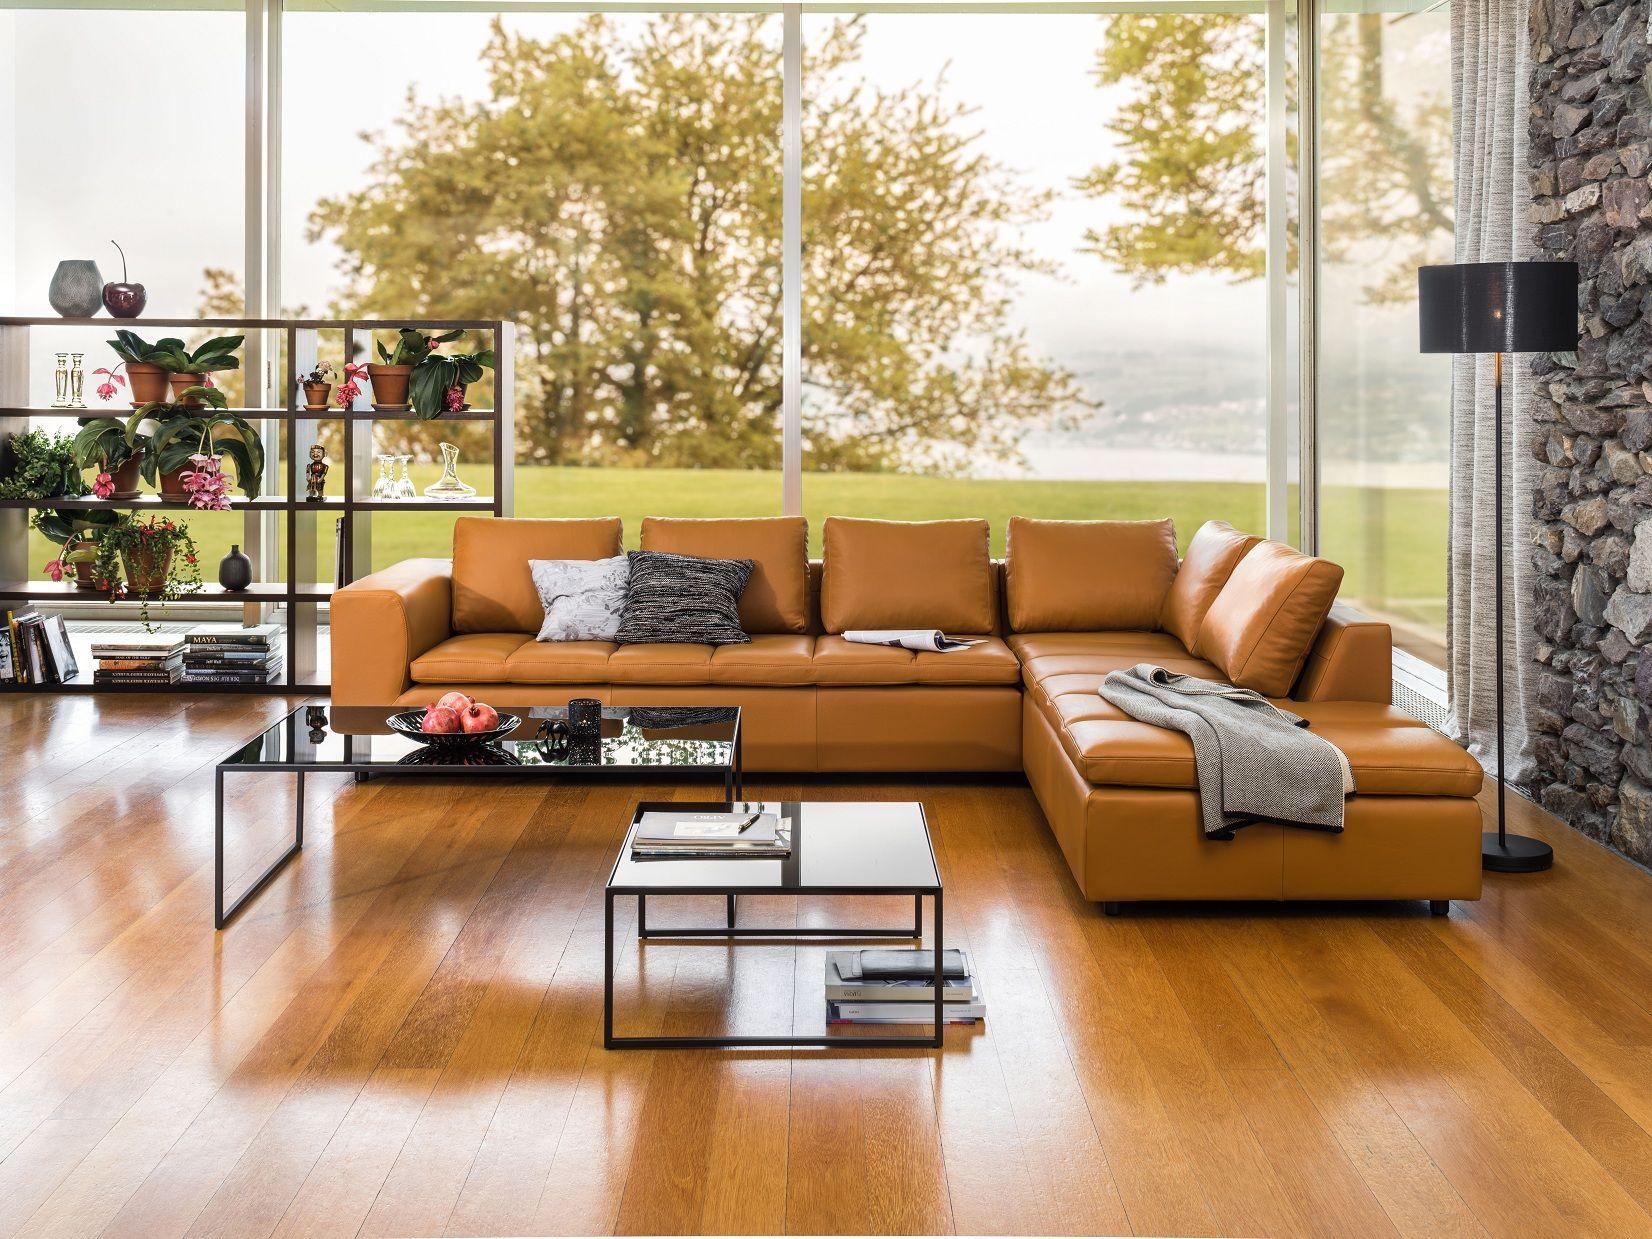 micasa wohnzimmer mit wohnsystem toro und salontische arndt, Wohnzimmer